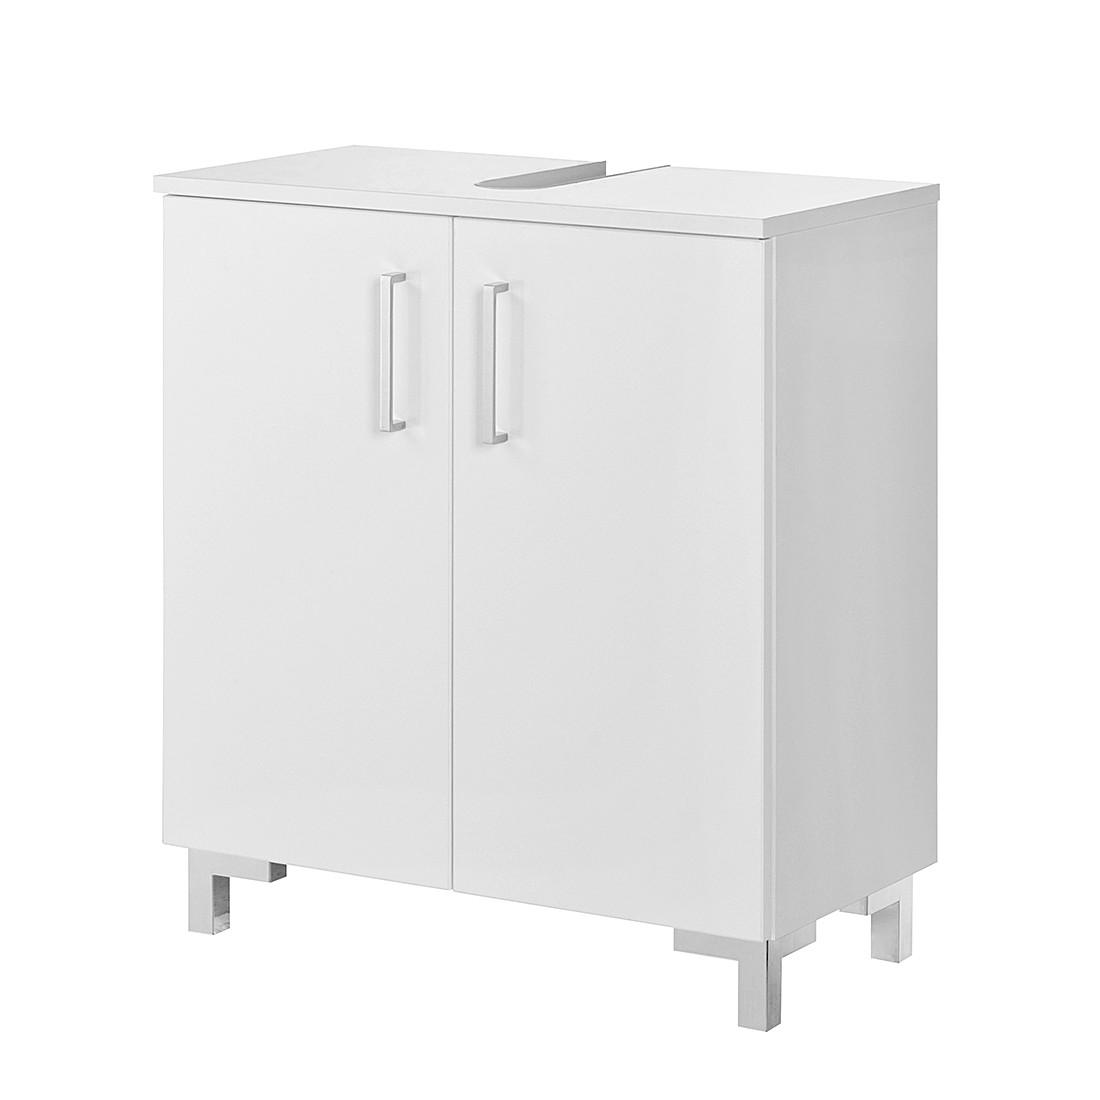 Waschbeckenunterschrank Atlanta – Weiß, Fackelmann jetzt kaufen